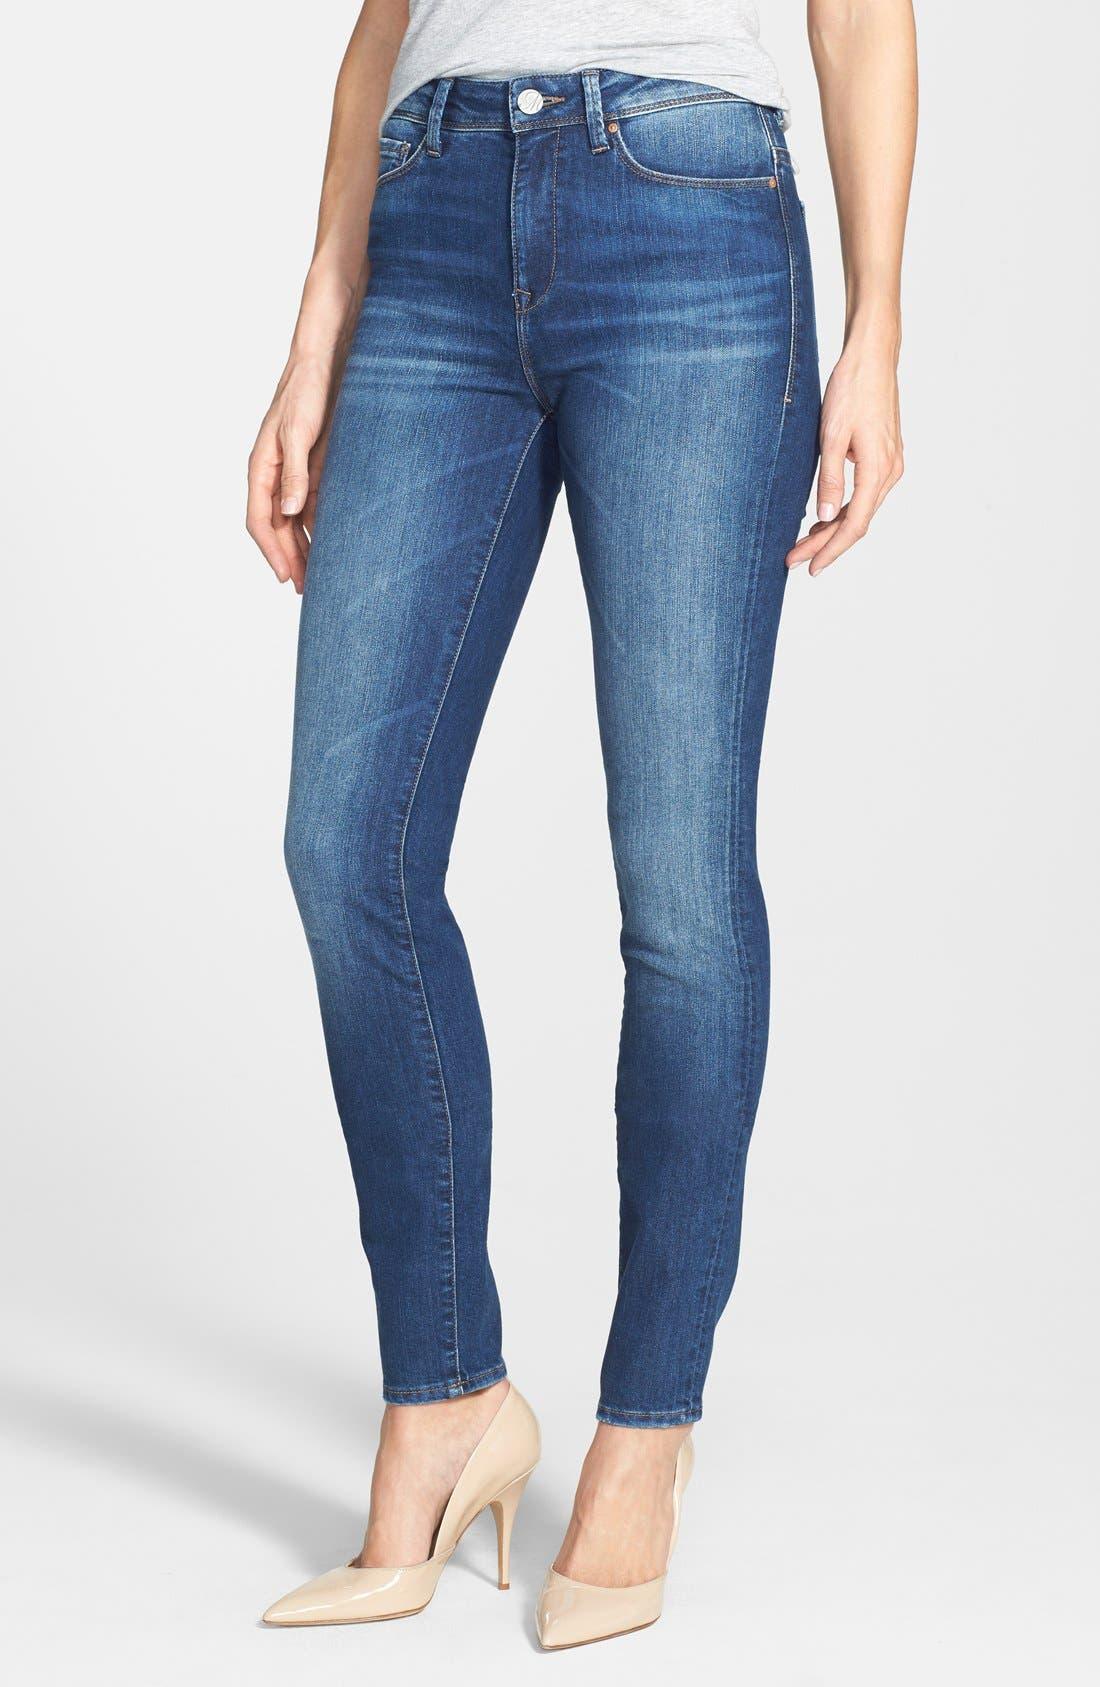 Alternate Image 1 Selected - Mavi Jeans 'Alissa' Skinny Jeans (Medium Blue)